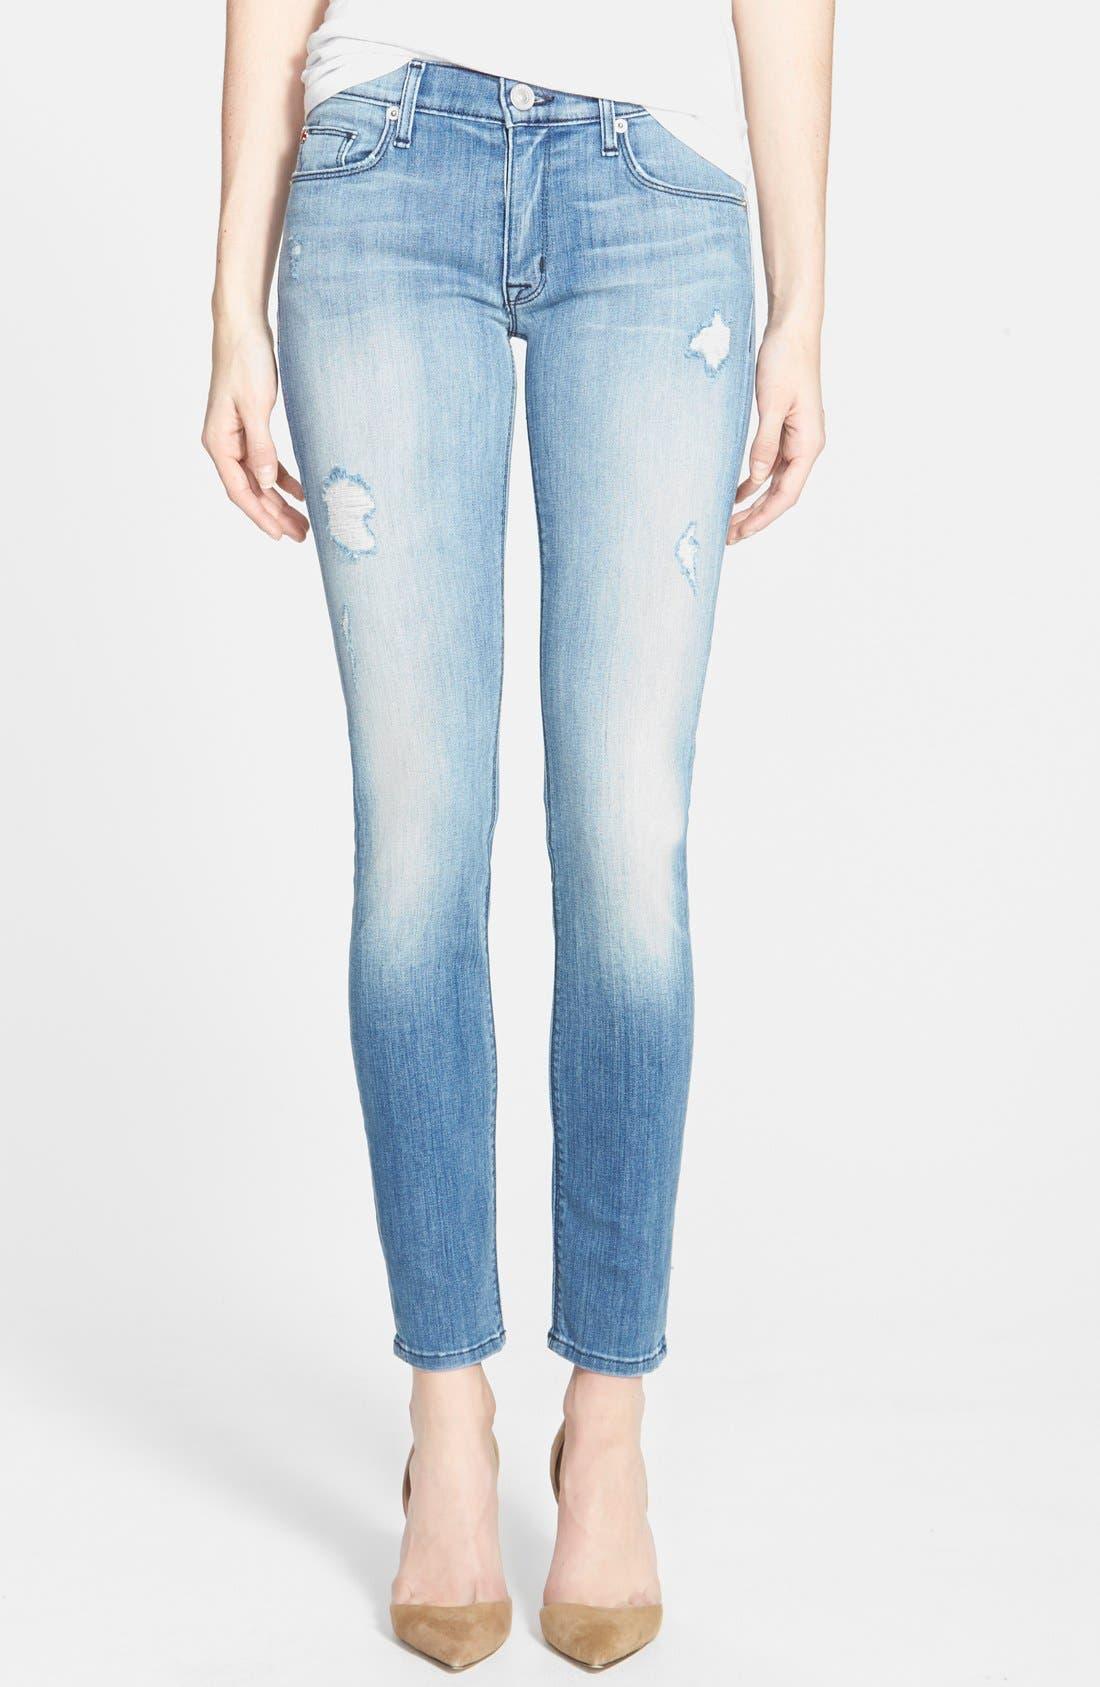 Alternate Image 1  - Hudson Jeans 'Krista' Super Skinny Jeans (Seized)